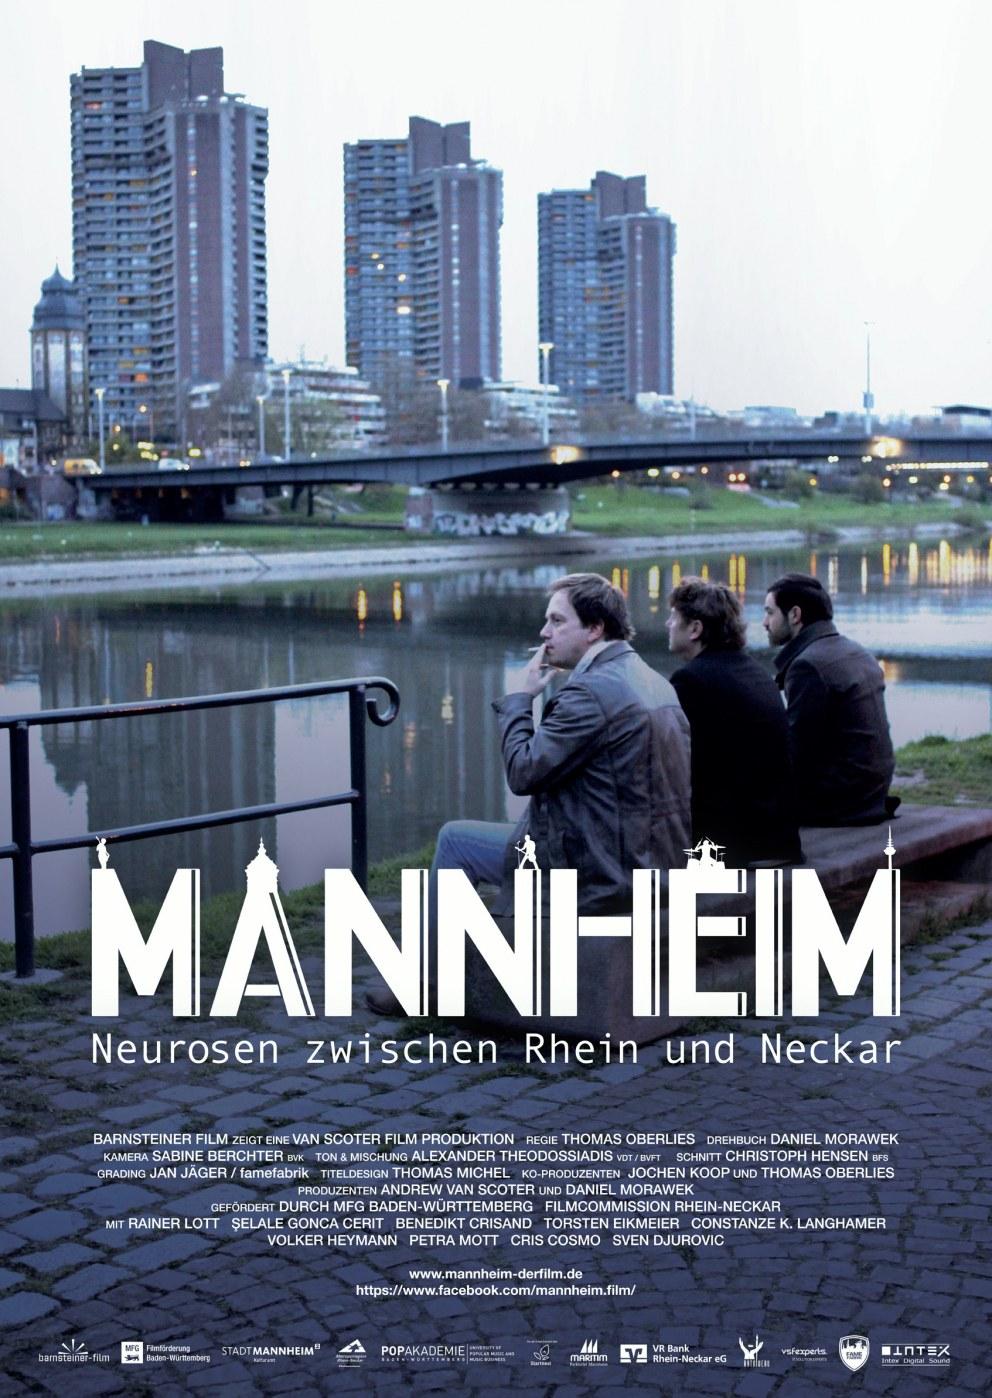 Mannheim Cinestar